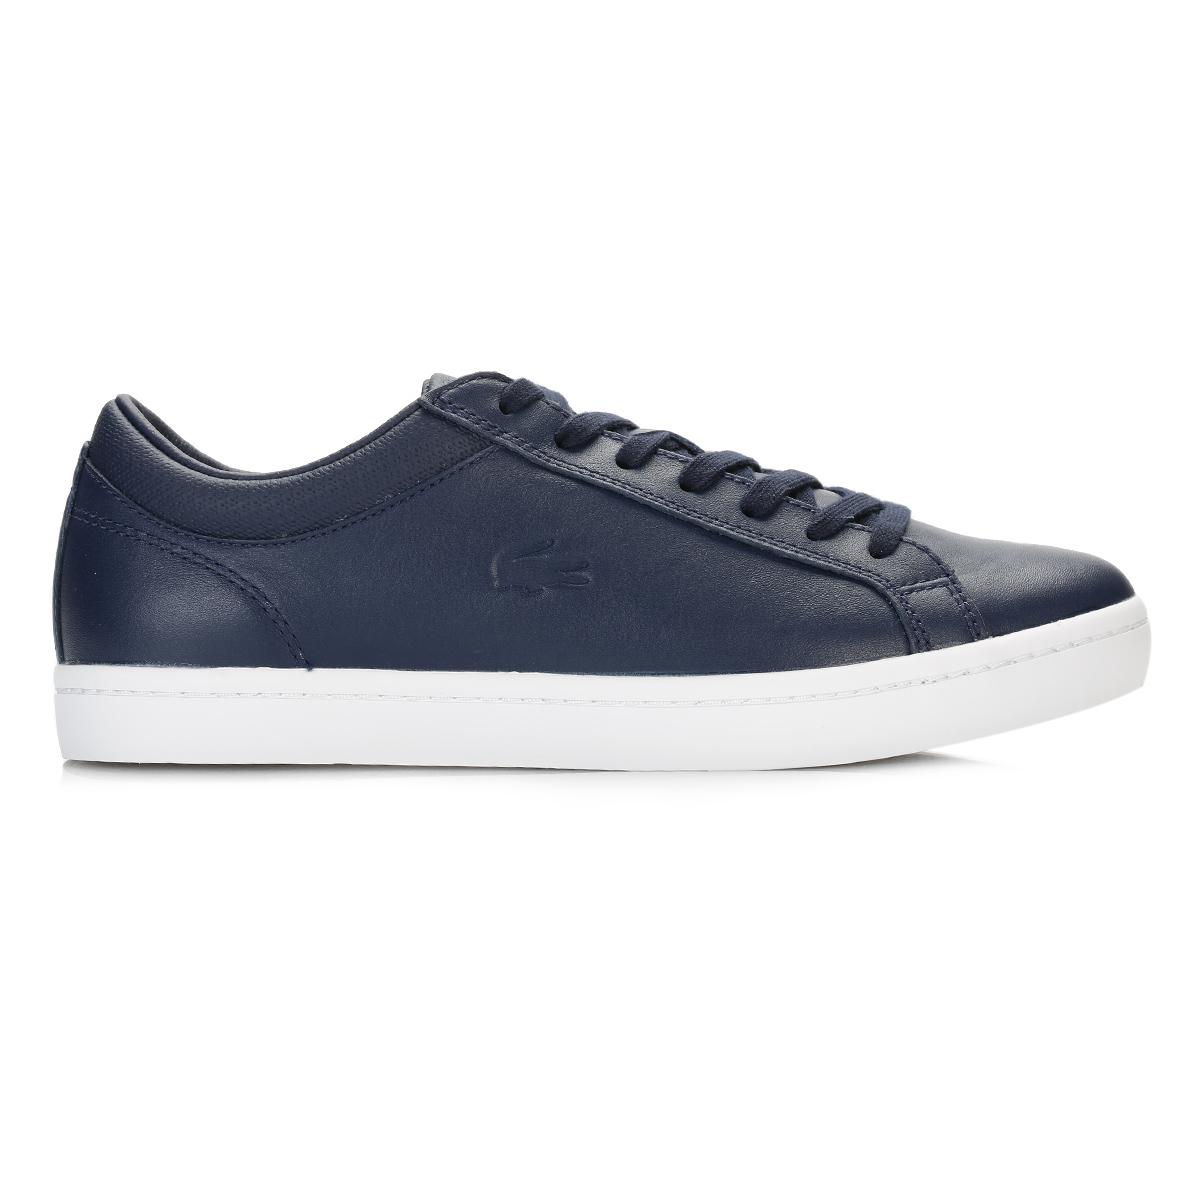 LACOSTE SPORT Sneakers Dark blue Men